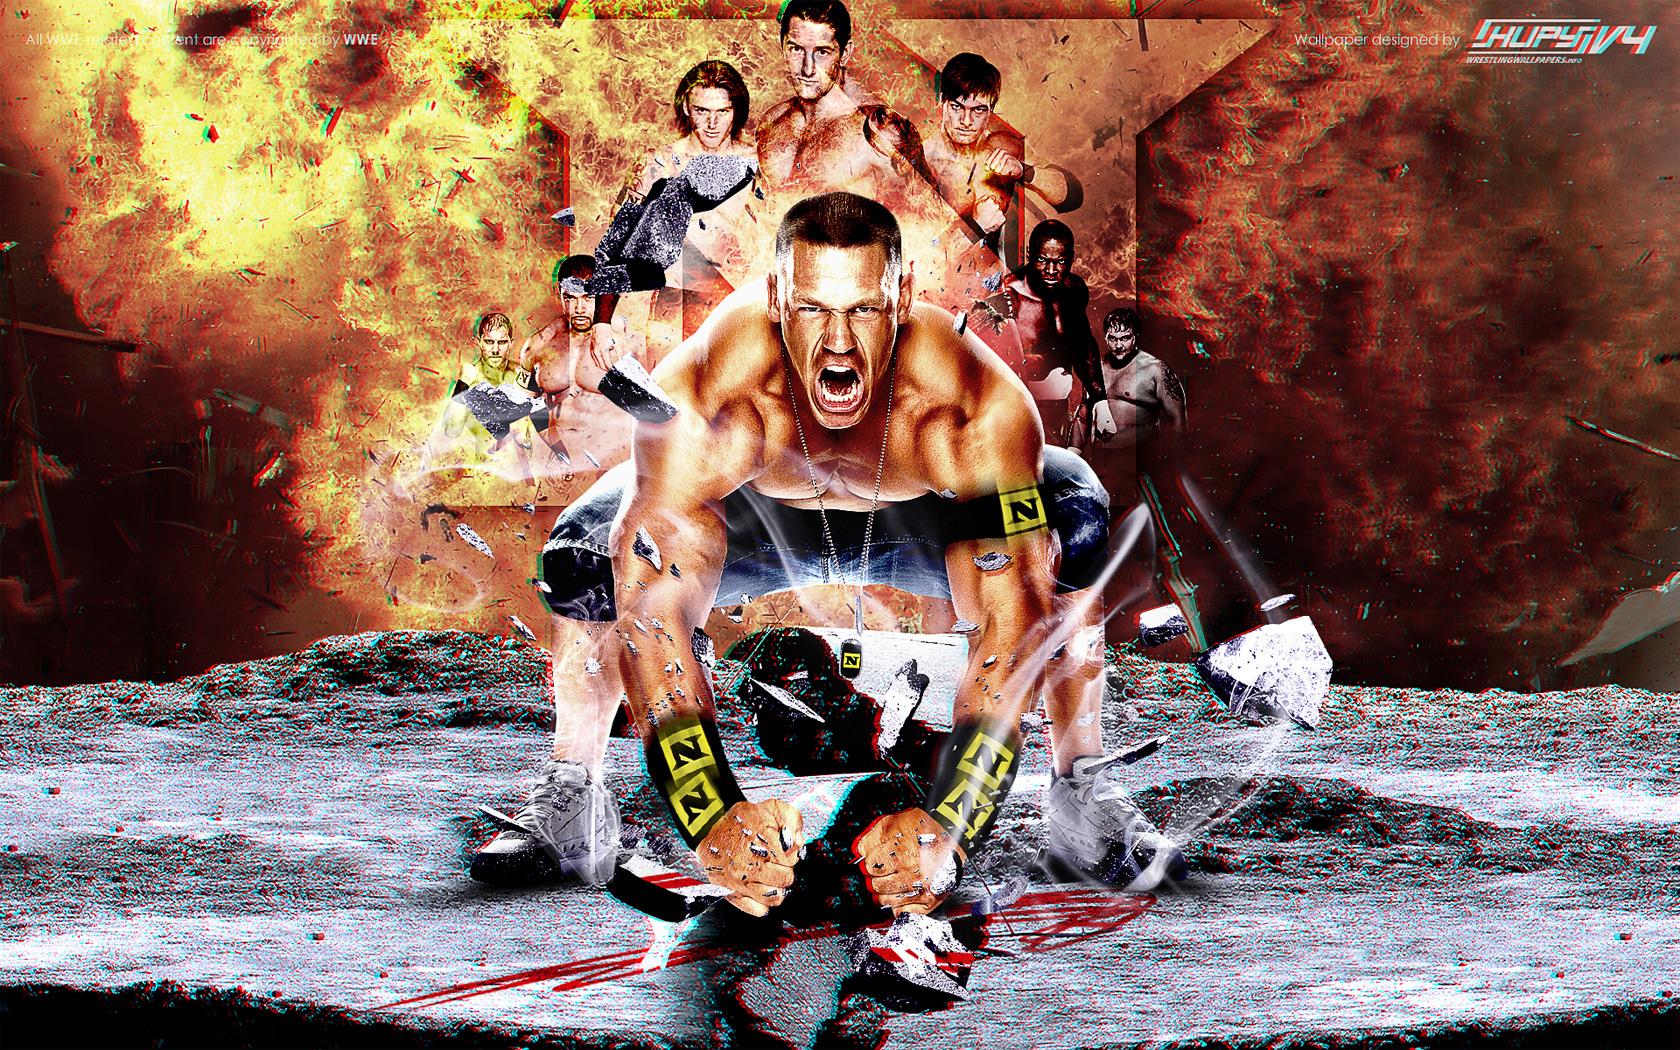 KupyWrestlingWallpapersINFO The newest wrestling wallpapers on 1680x1050